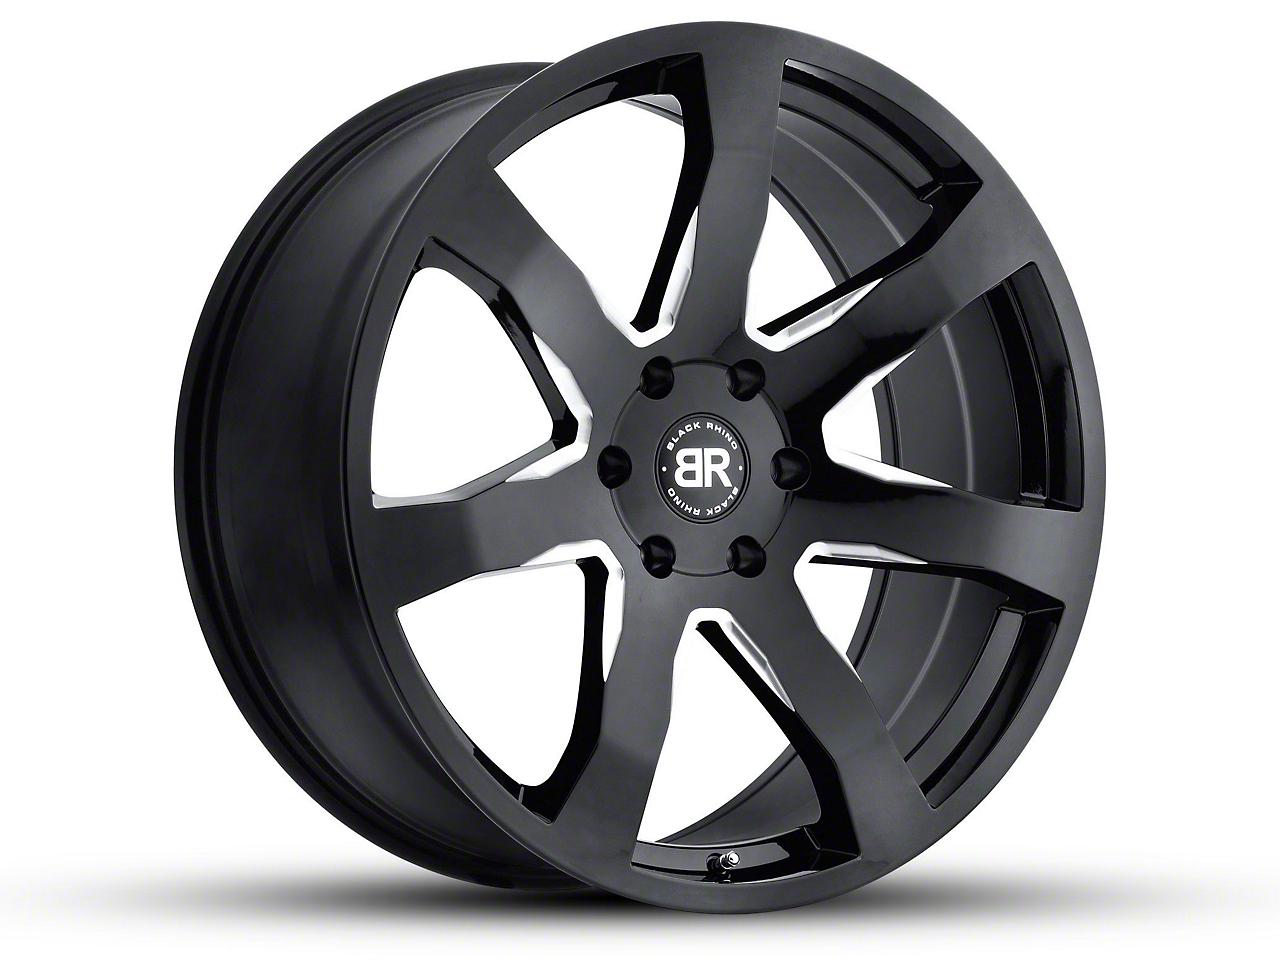 Black Rhino Mozambique Gloss Black Milled 6-Lug Wheel - 18x8.5 (07-18 Sierra 1500)